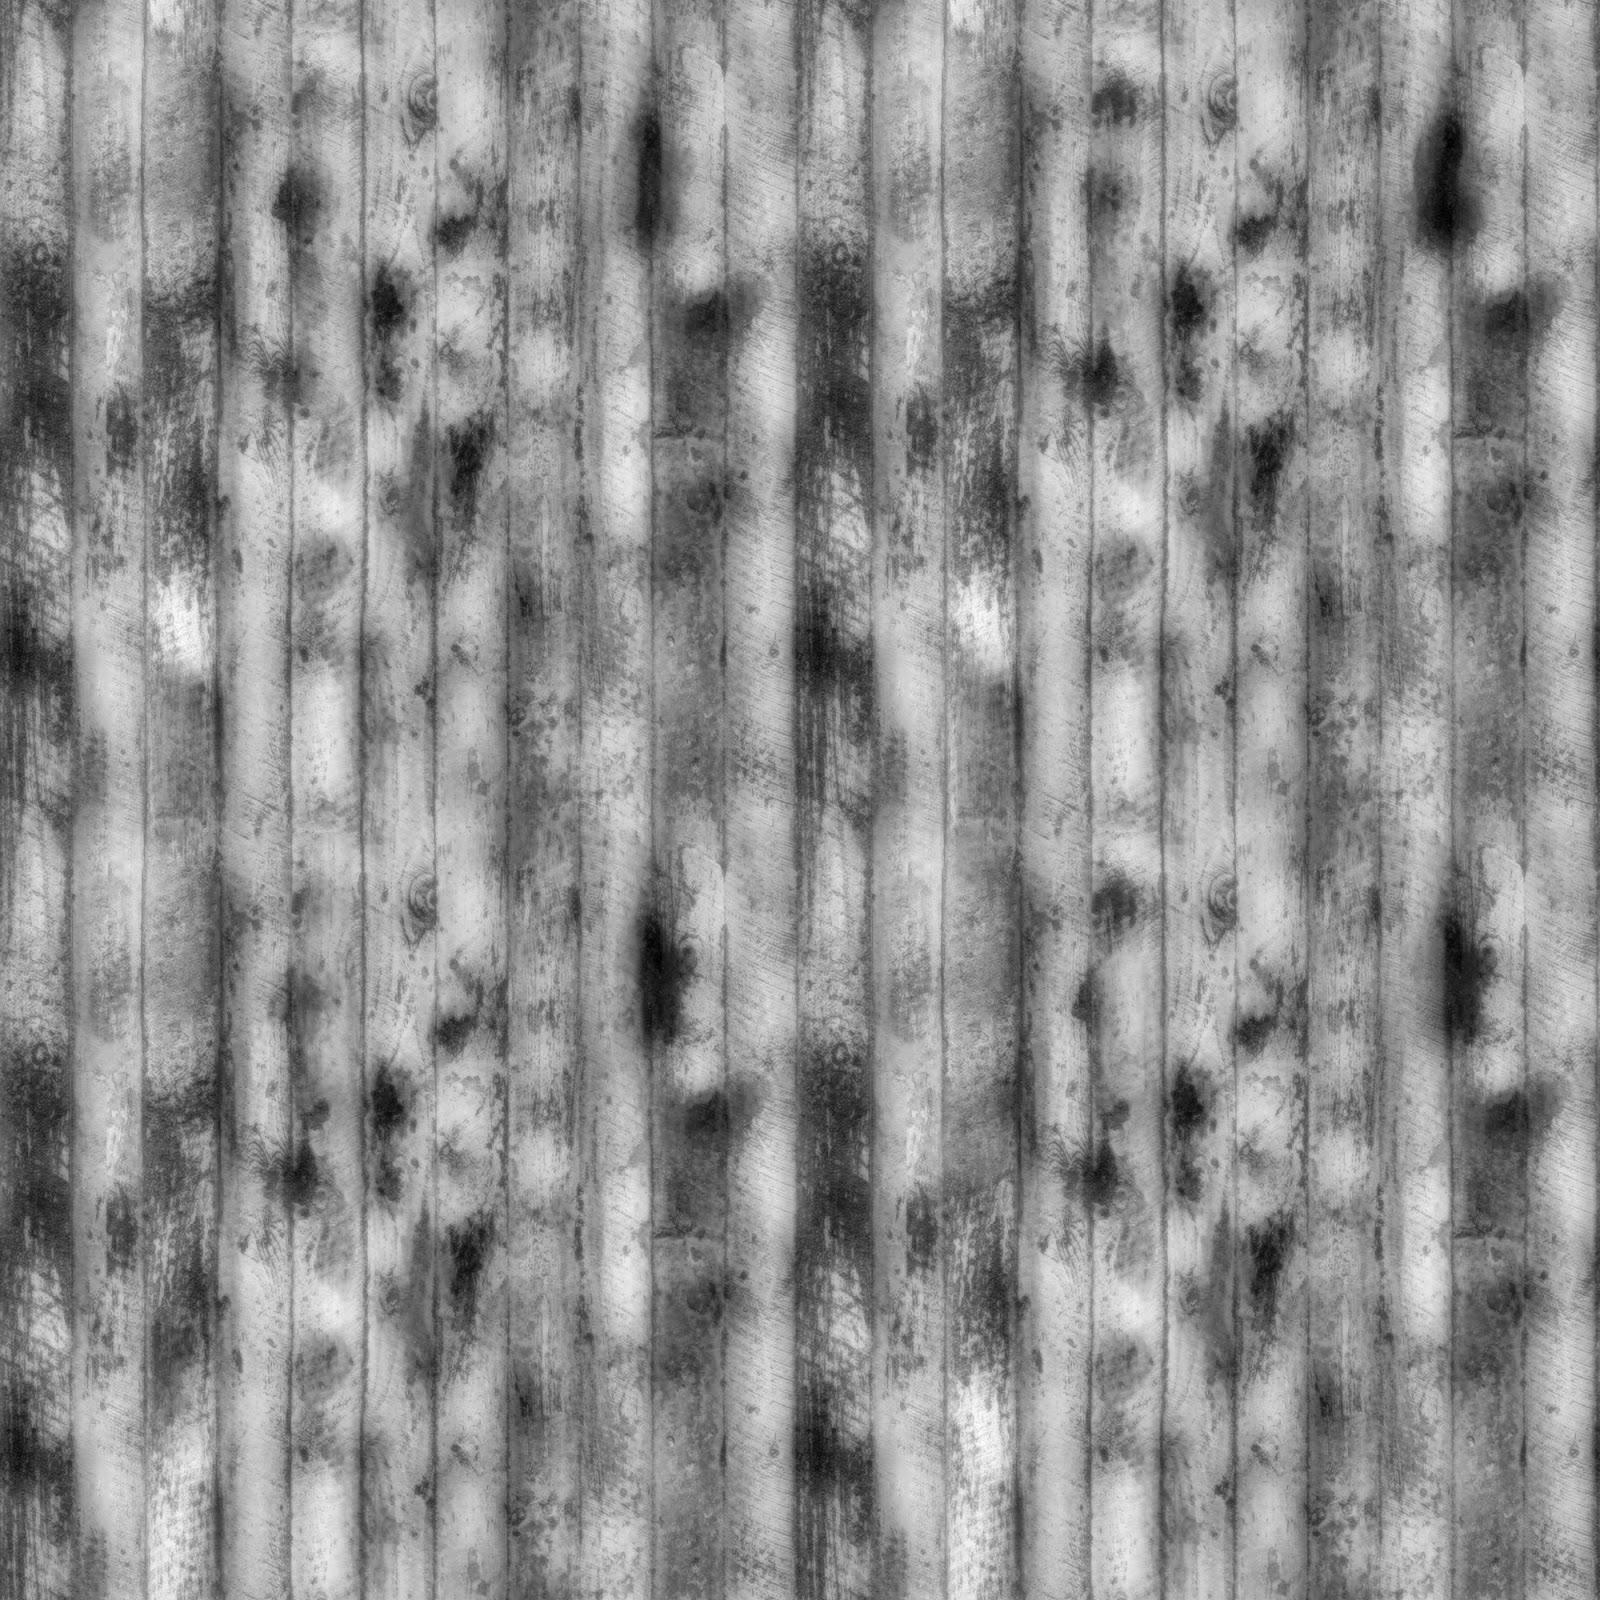 Tileable Concrete Boards Texture Maps